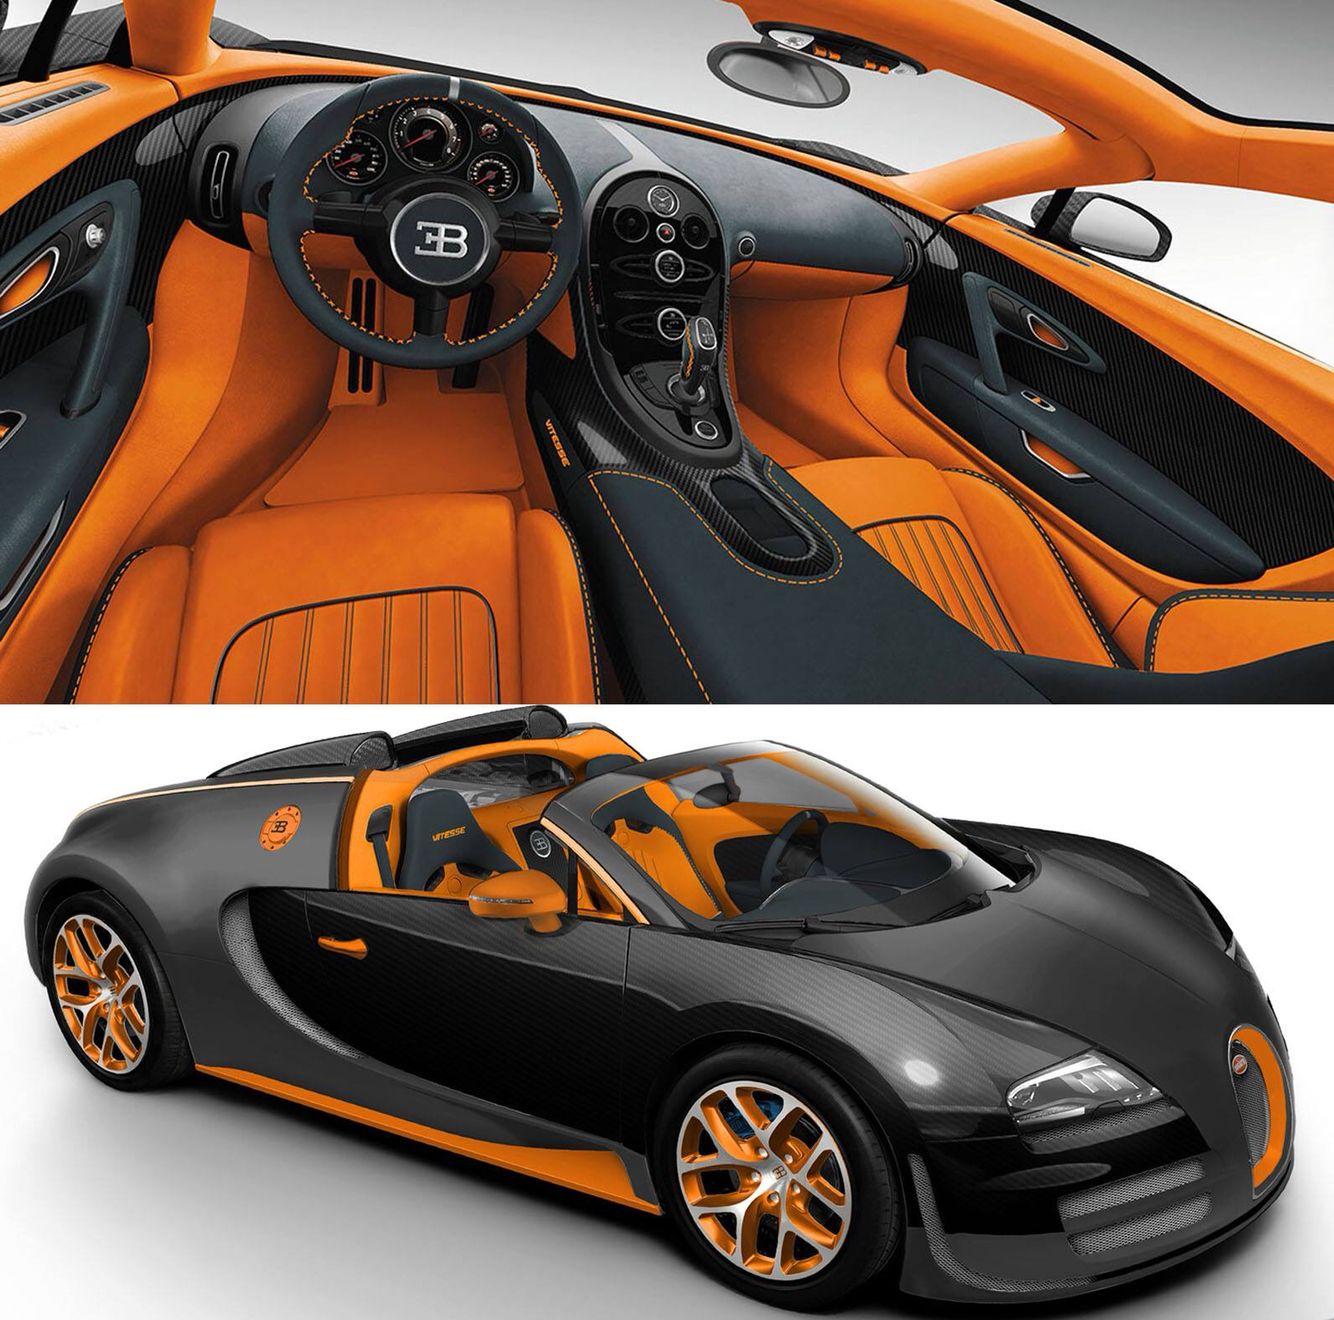 Wallpaper Bugatti Veyron Grand Sport Vitesse Sports Car: Bugatti Veyron, Expensive Sports Cars